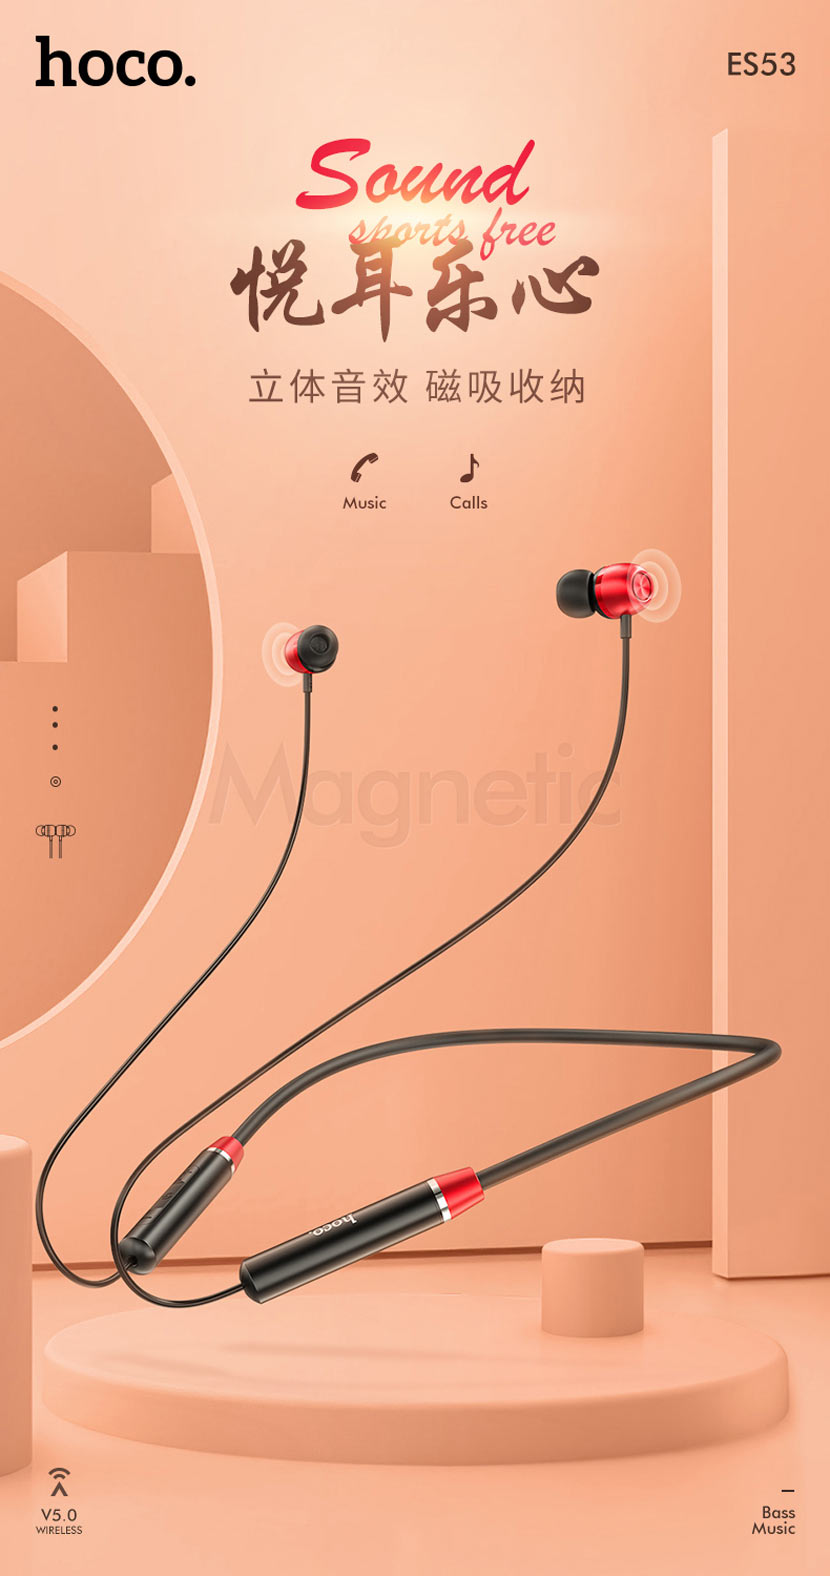 hoco news es53 coolway sports bt earphones cn